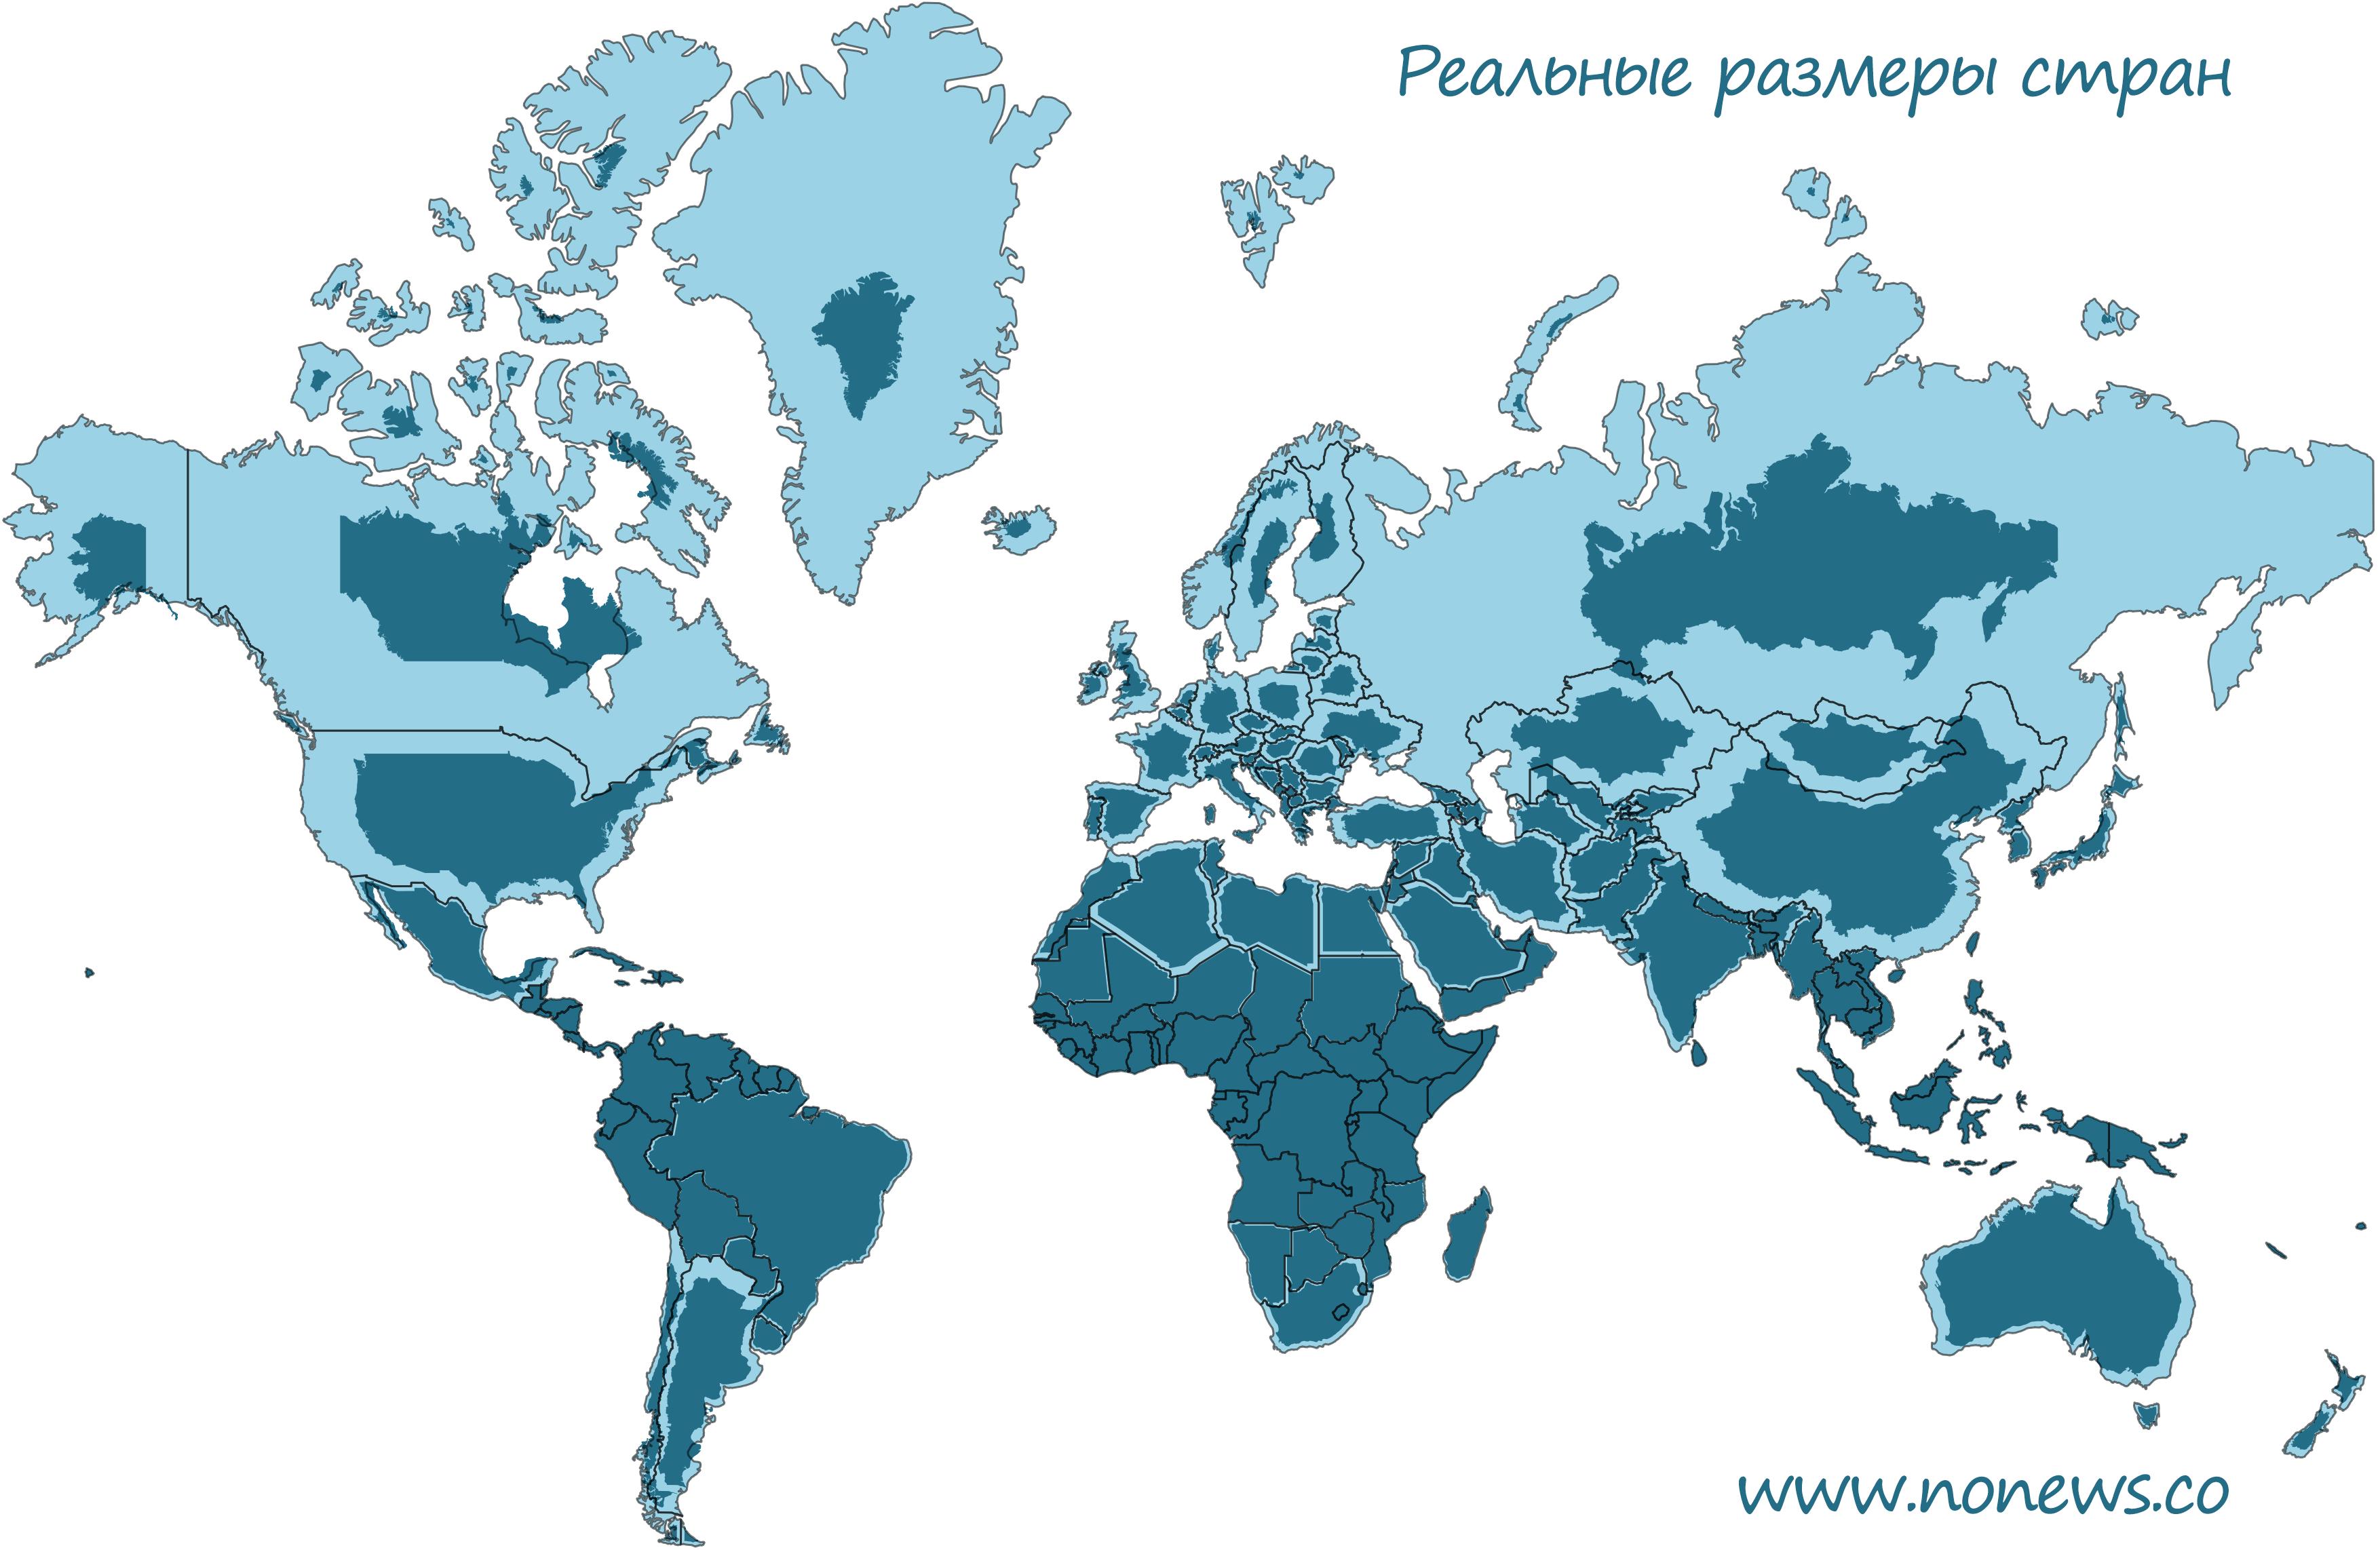 Карта реальных размеров стран